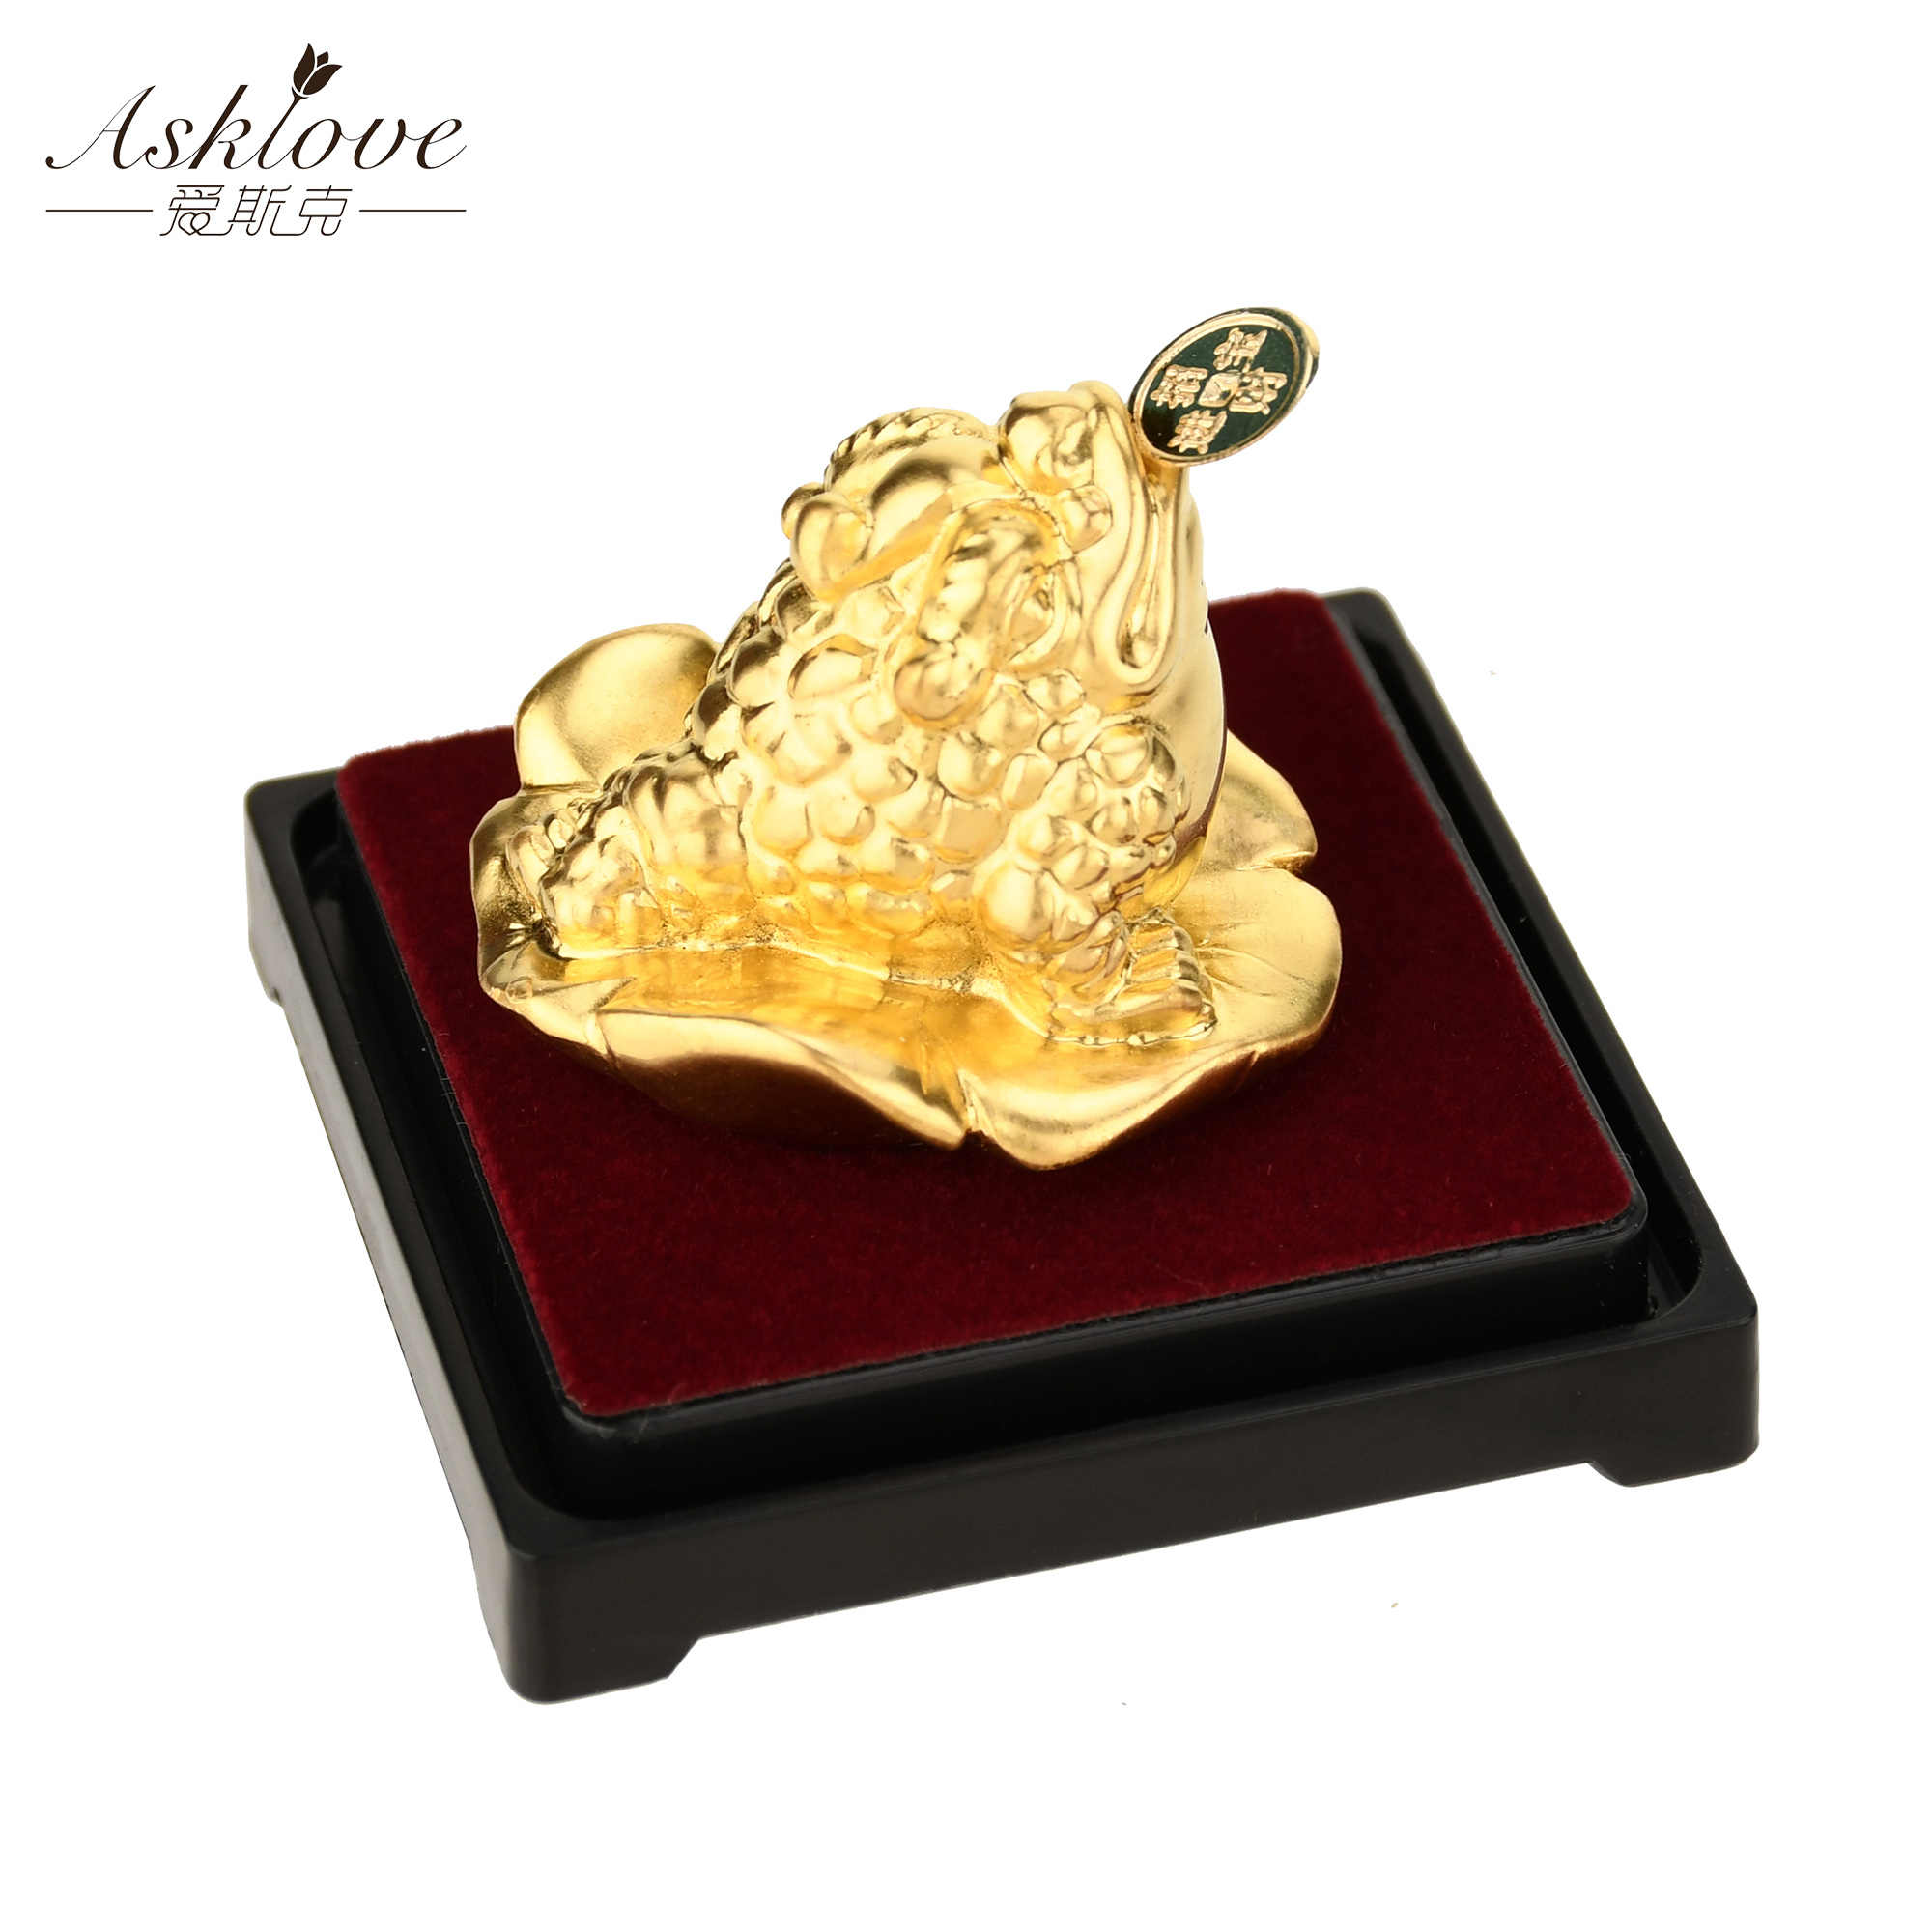 24k Lamina D'oro Rana Feng Shui Rospo Cinese Golden Frog Denaro Fortunato Fortuna Ricchezza Ufficio Tavolo Ornamento Complementi Arredo Casa fortunato regali